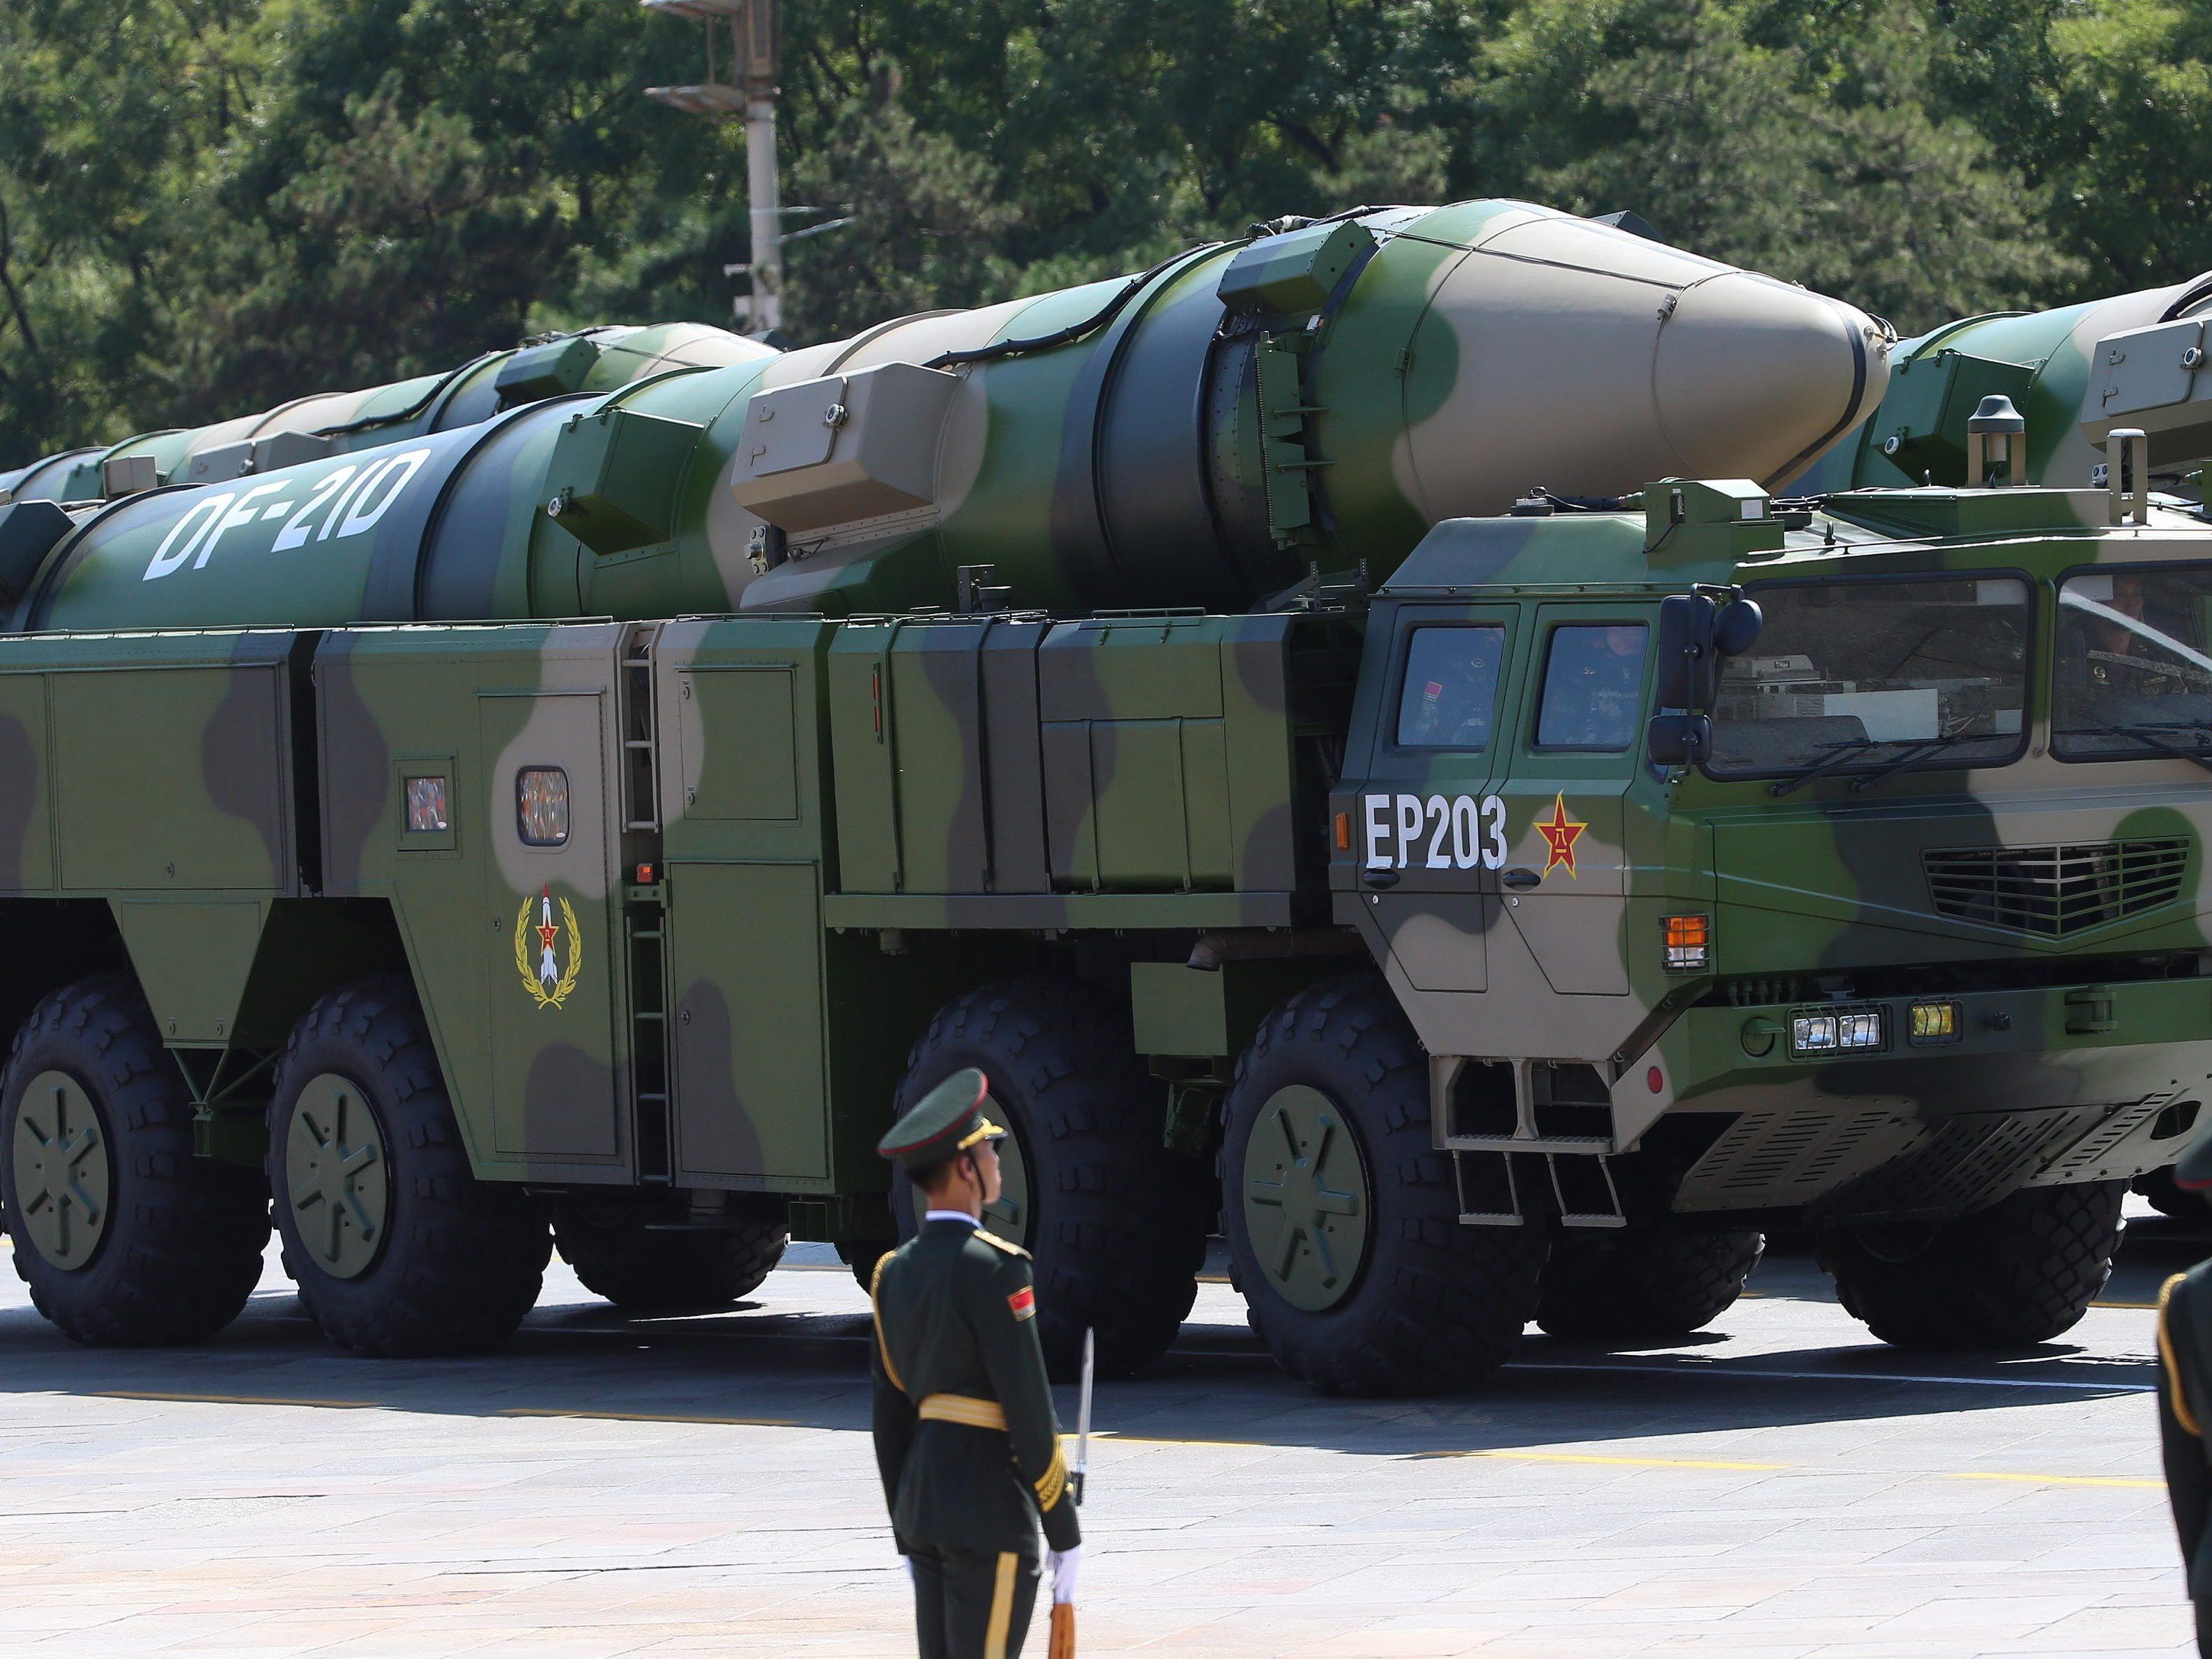 Chinas neueste Superwaffe Dongfeng 21-D: Sie soll Kriegsschiffe während der Fahrt zerstören können..